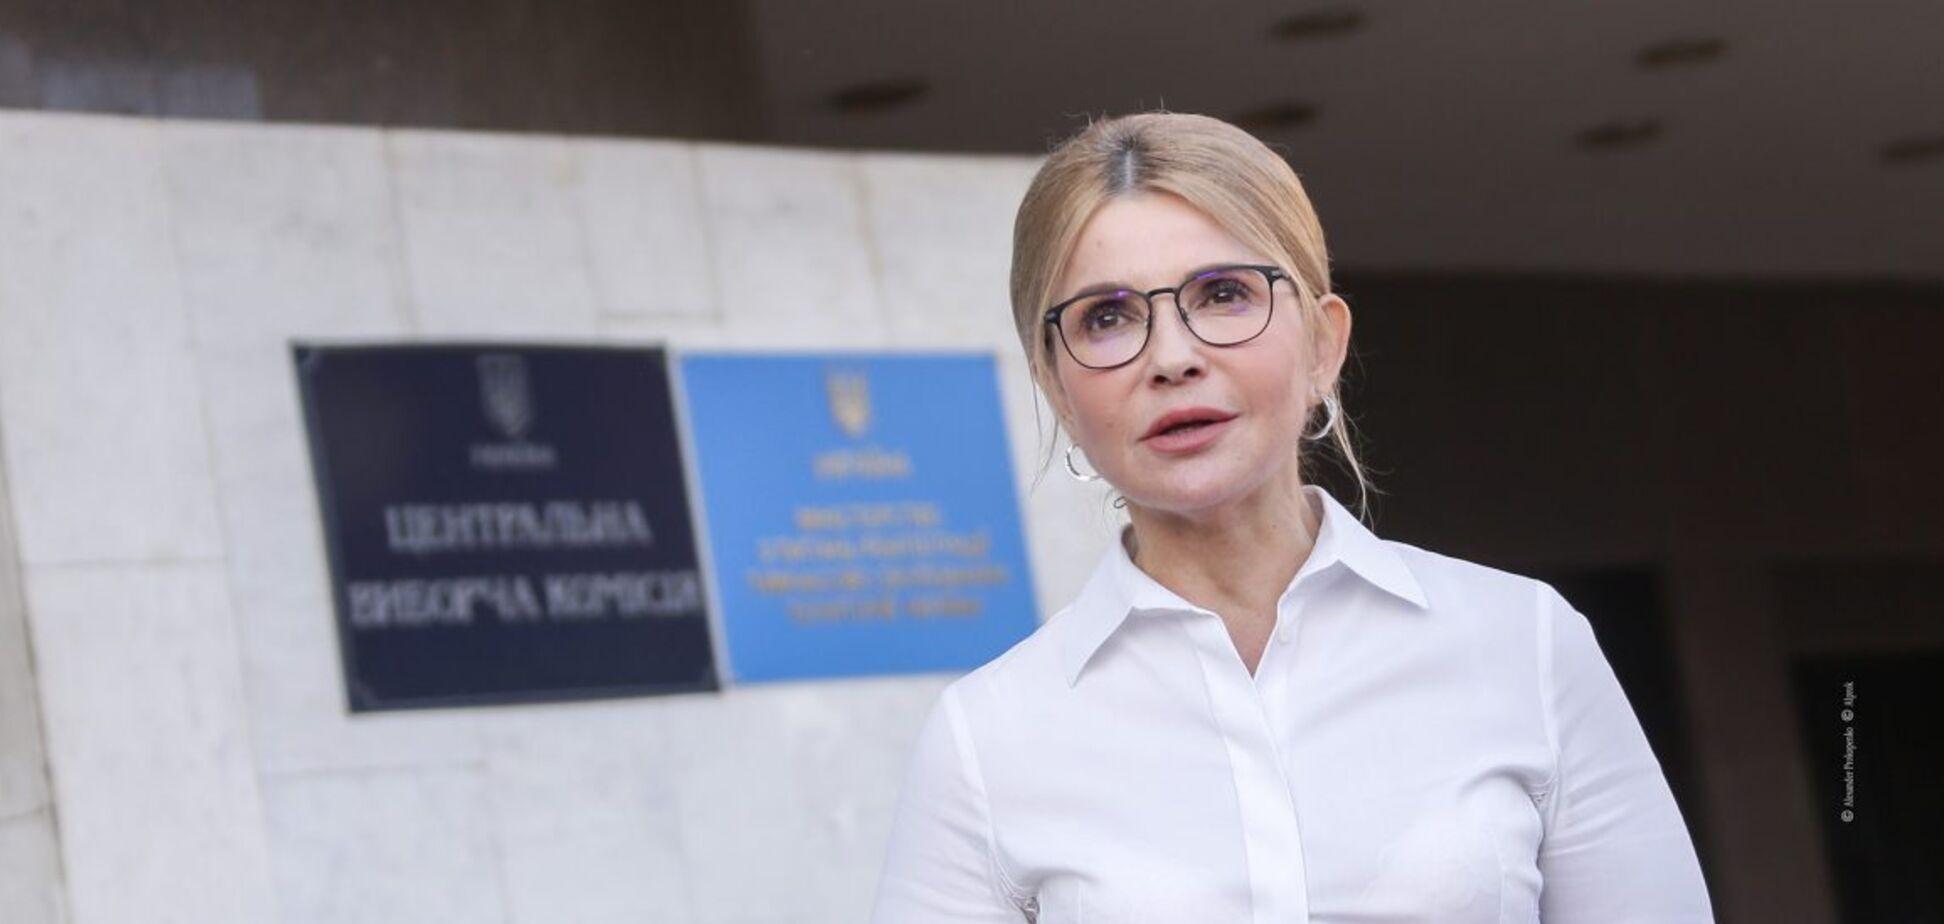 Тимошенко: влада заблокувала референдум, але 'Батьківщина' і далі захищатиме землю від розпродажу